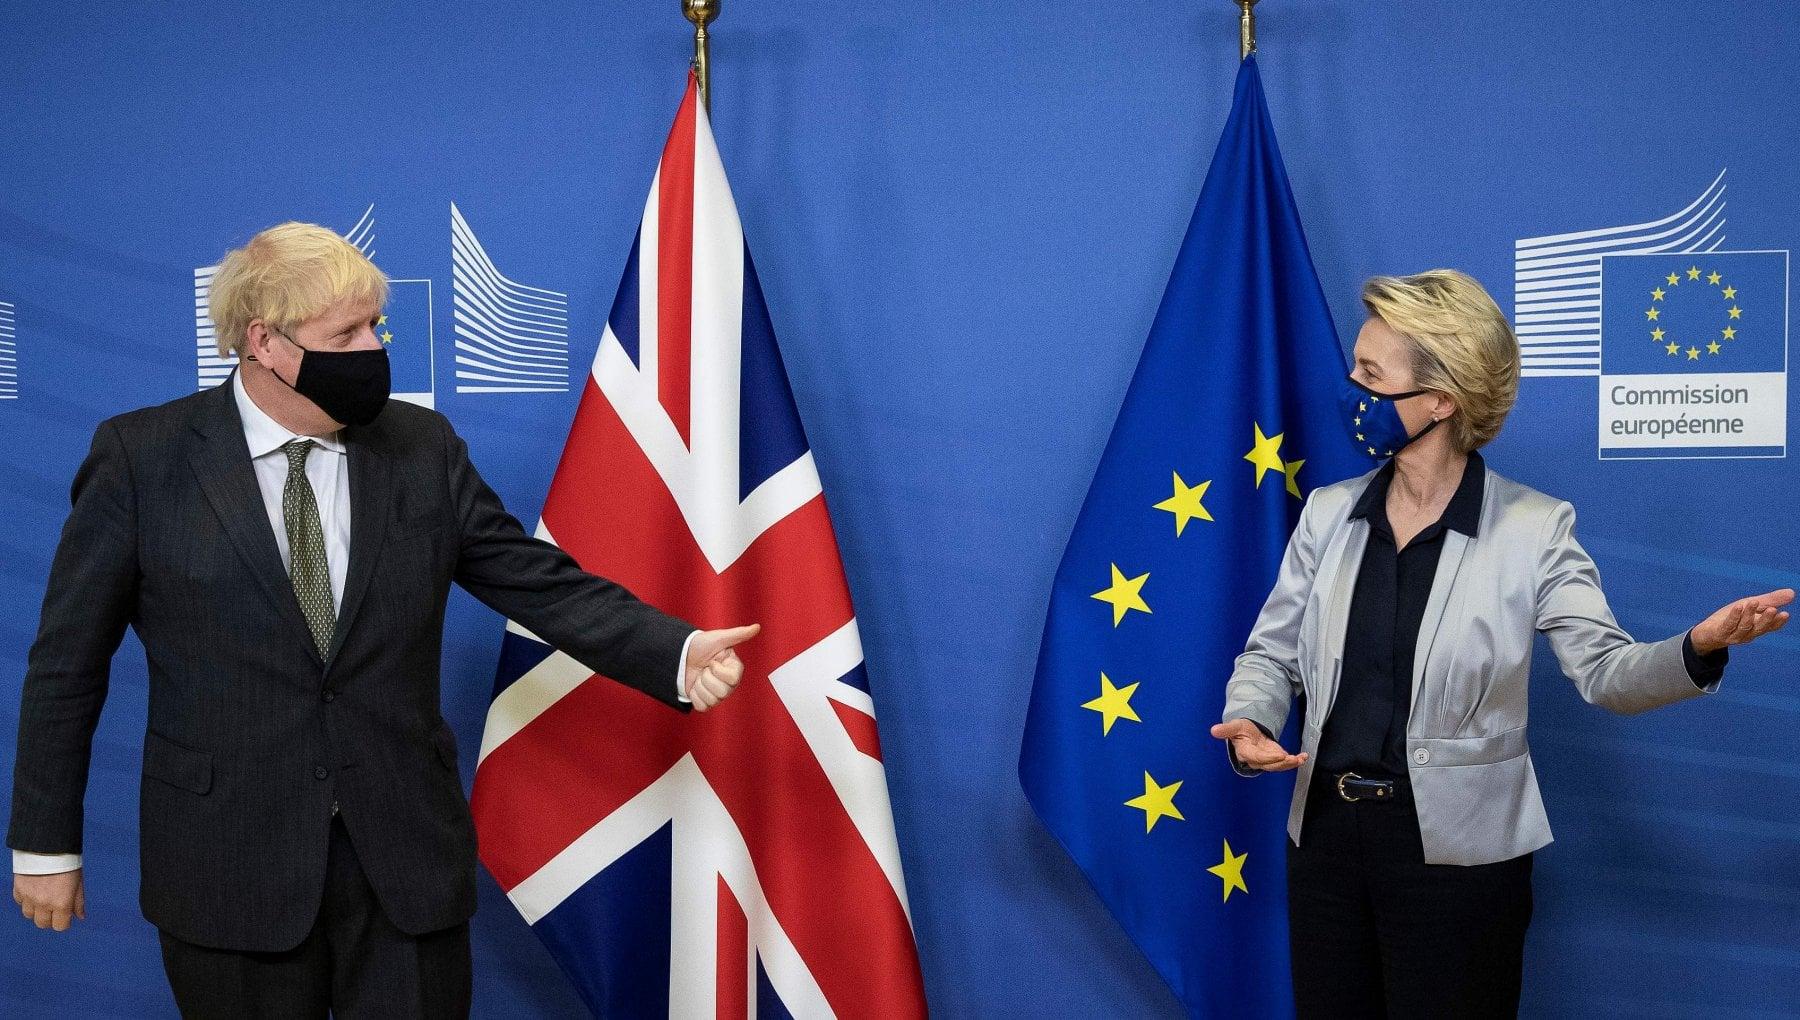 Brexit cena fiume Johnson Von der Leyen ma e ancora un flop Altre 72 ore per negoziare